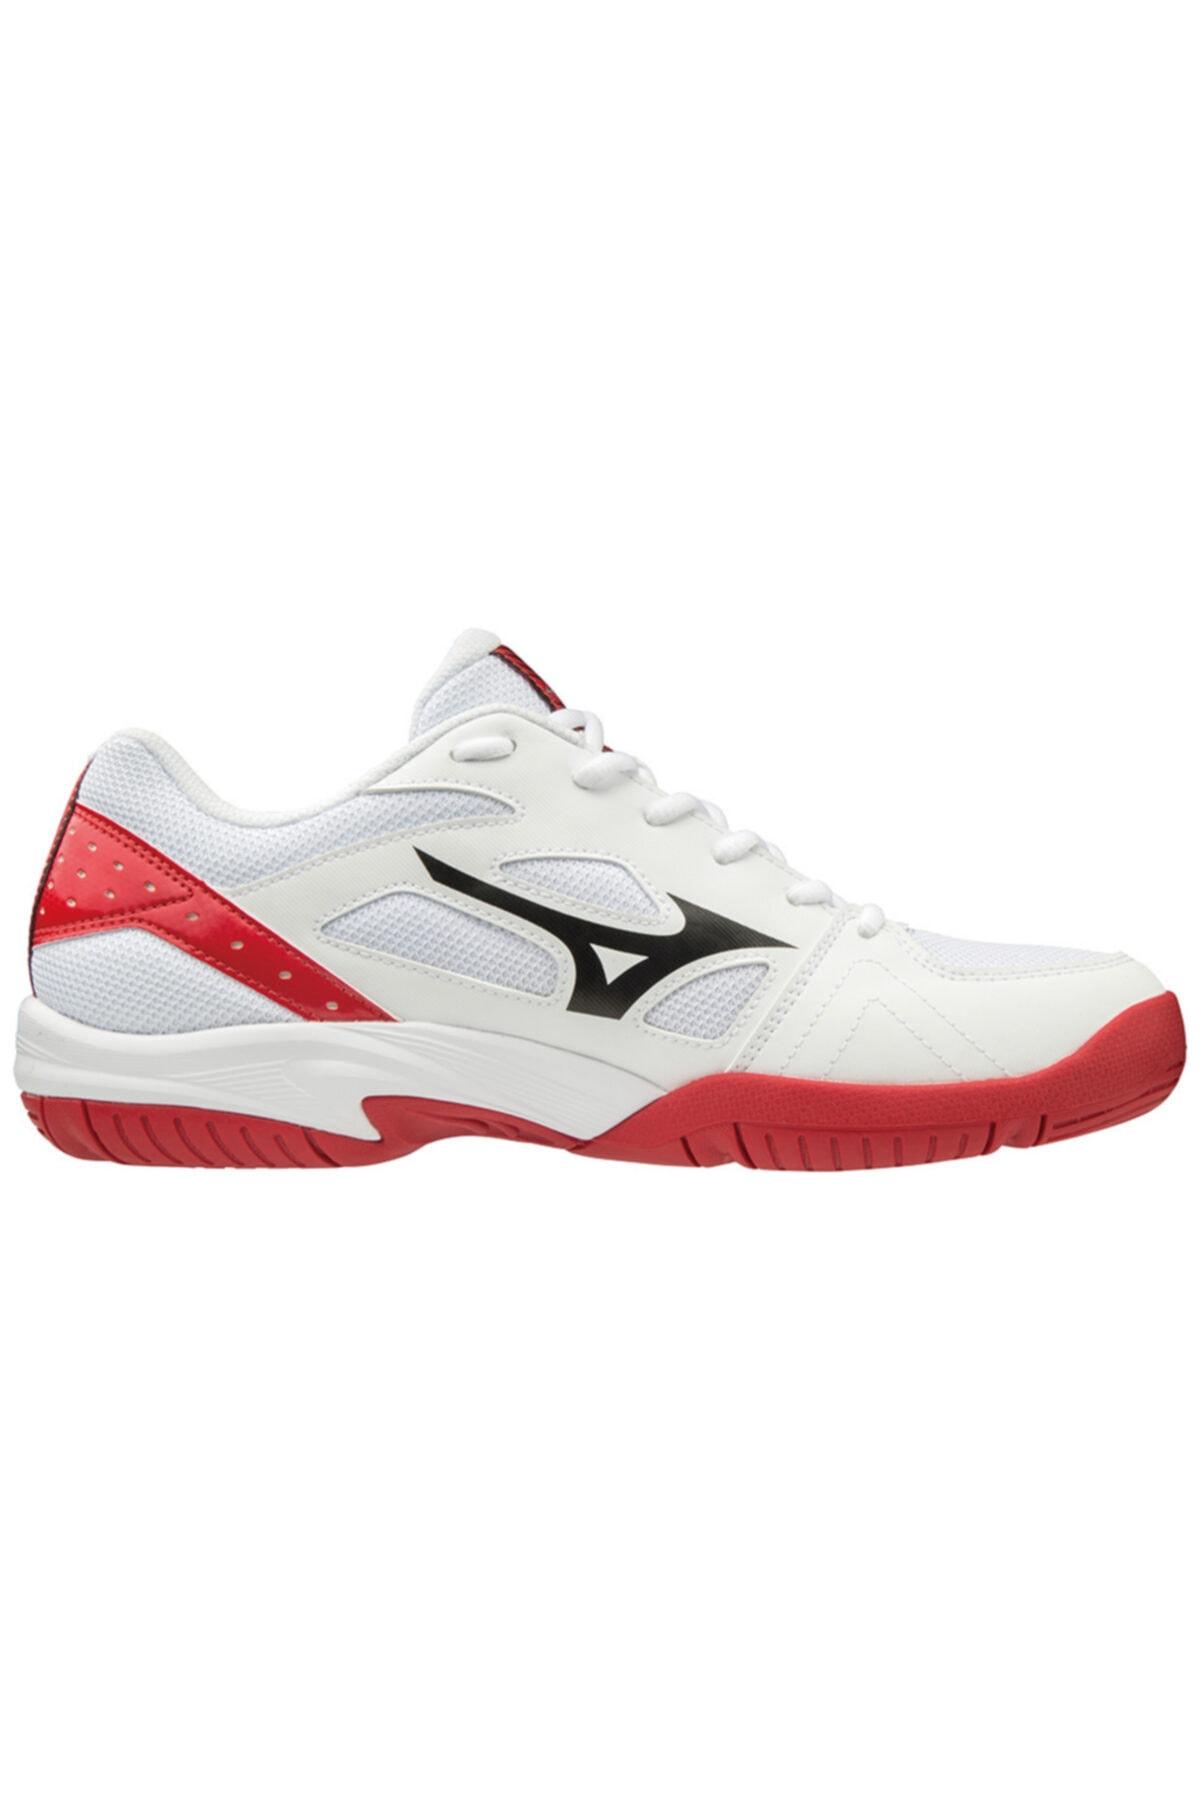 MIZUNO Cyclone Speed 2 Unisex Voleybol Ayakkabısı Beyaz / Kırmızı 2